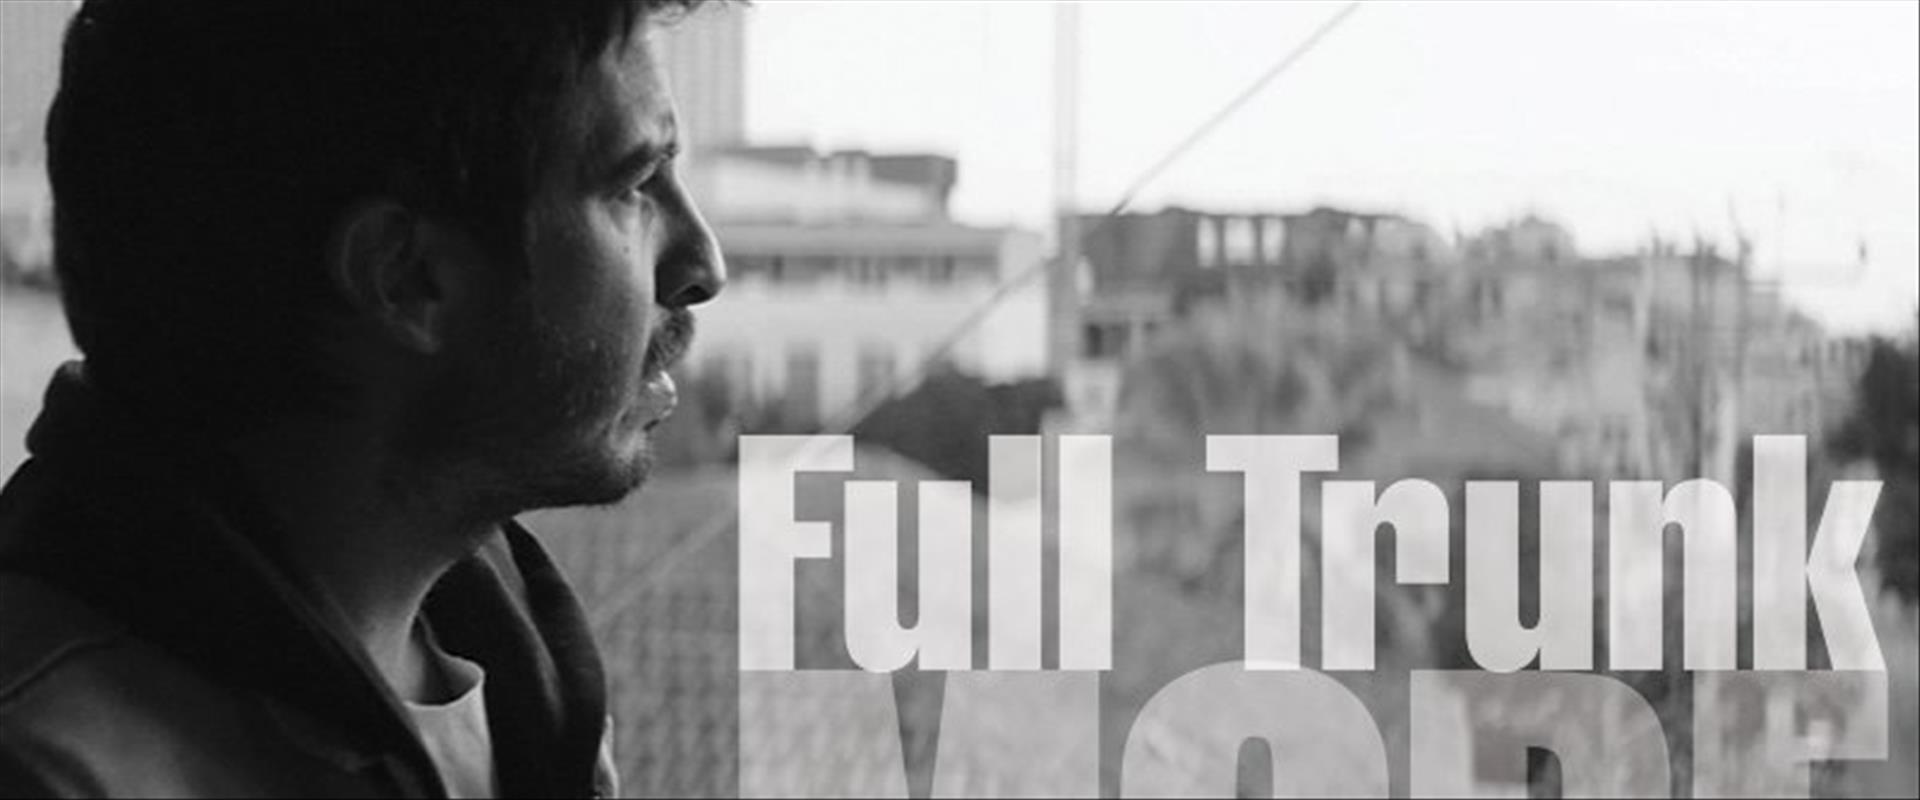 Full Trunk - More